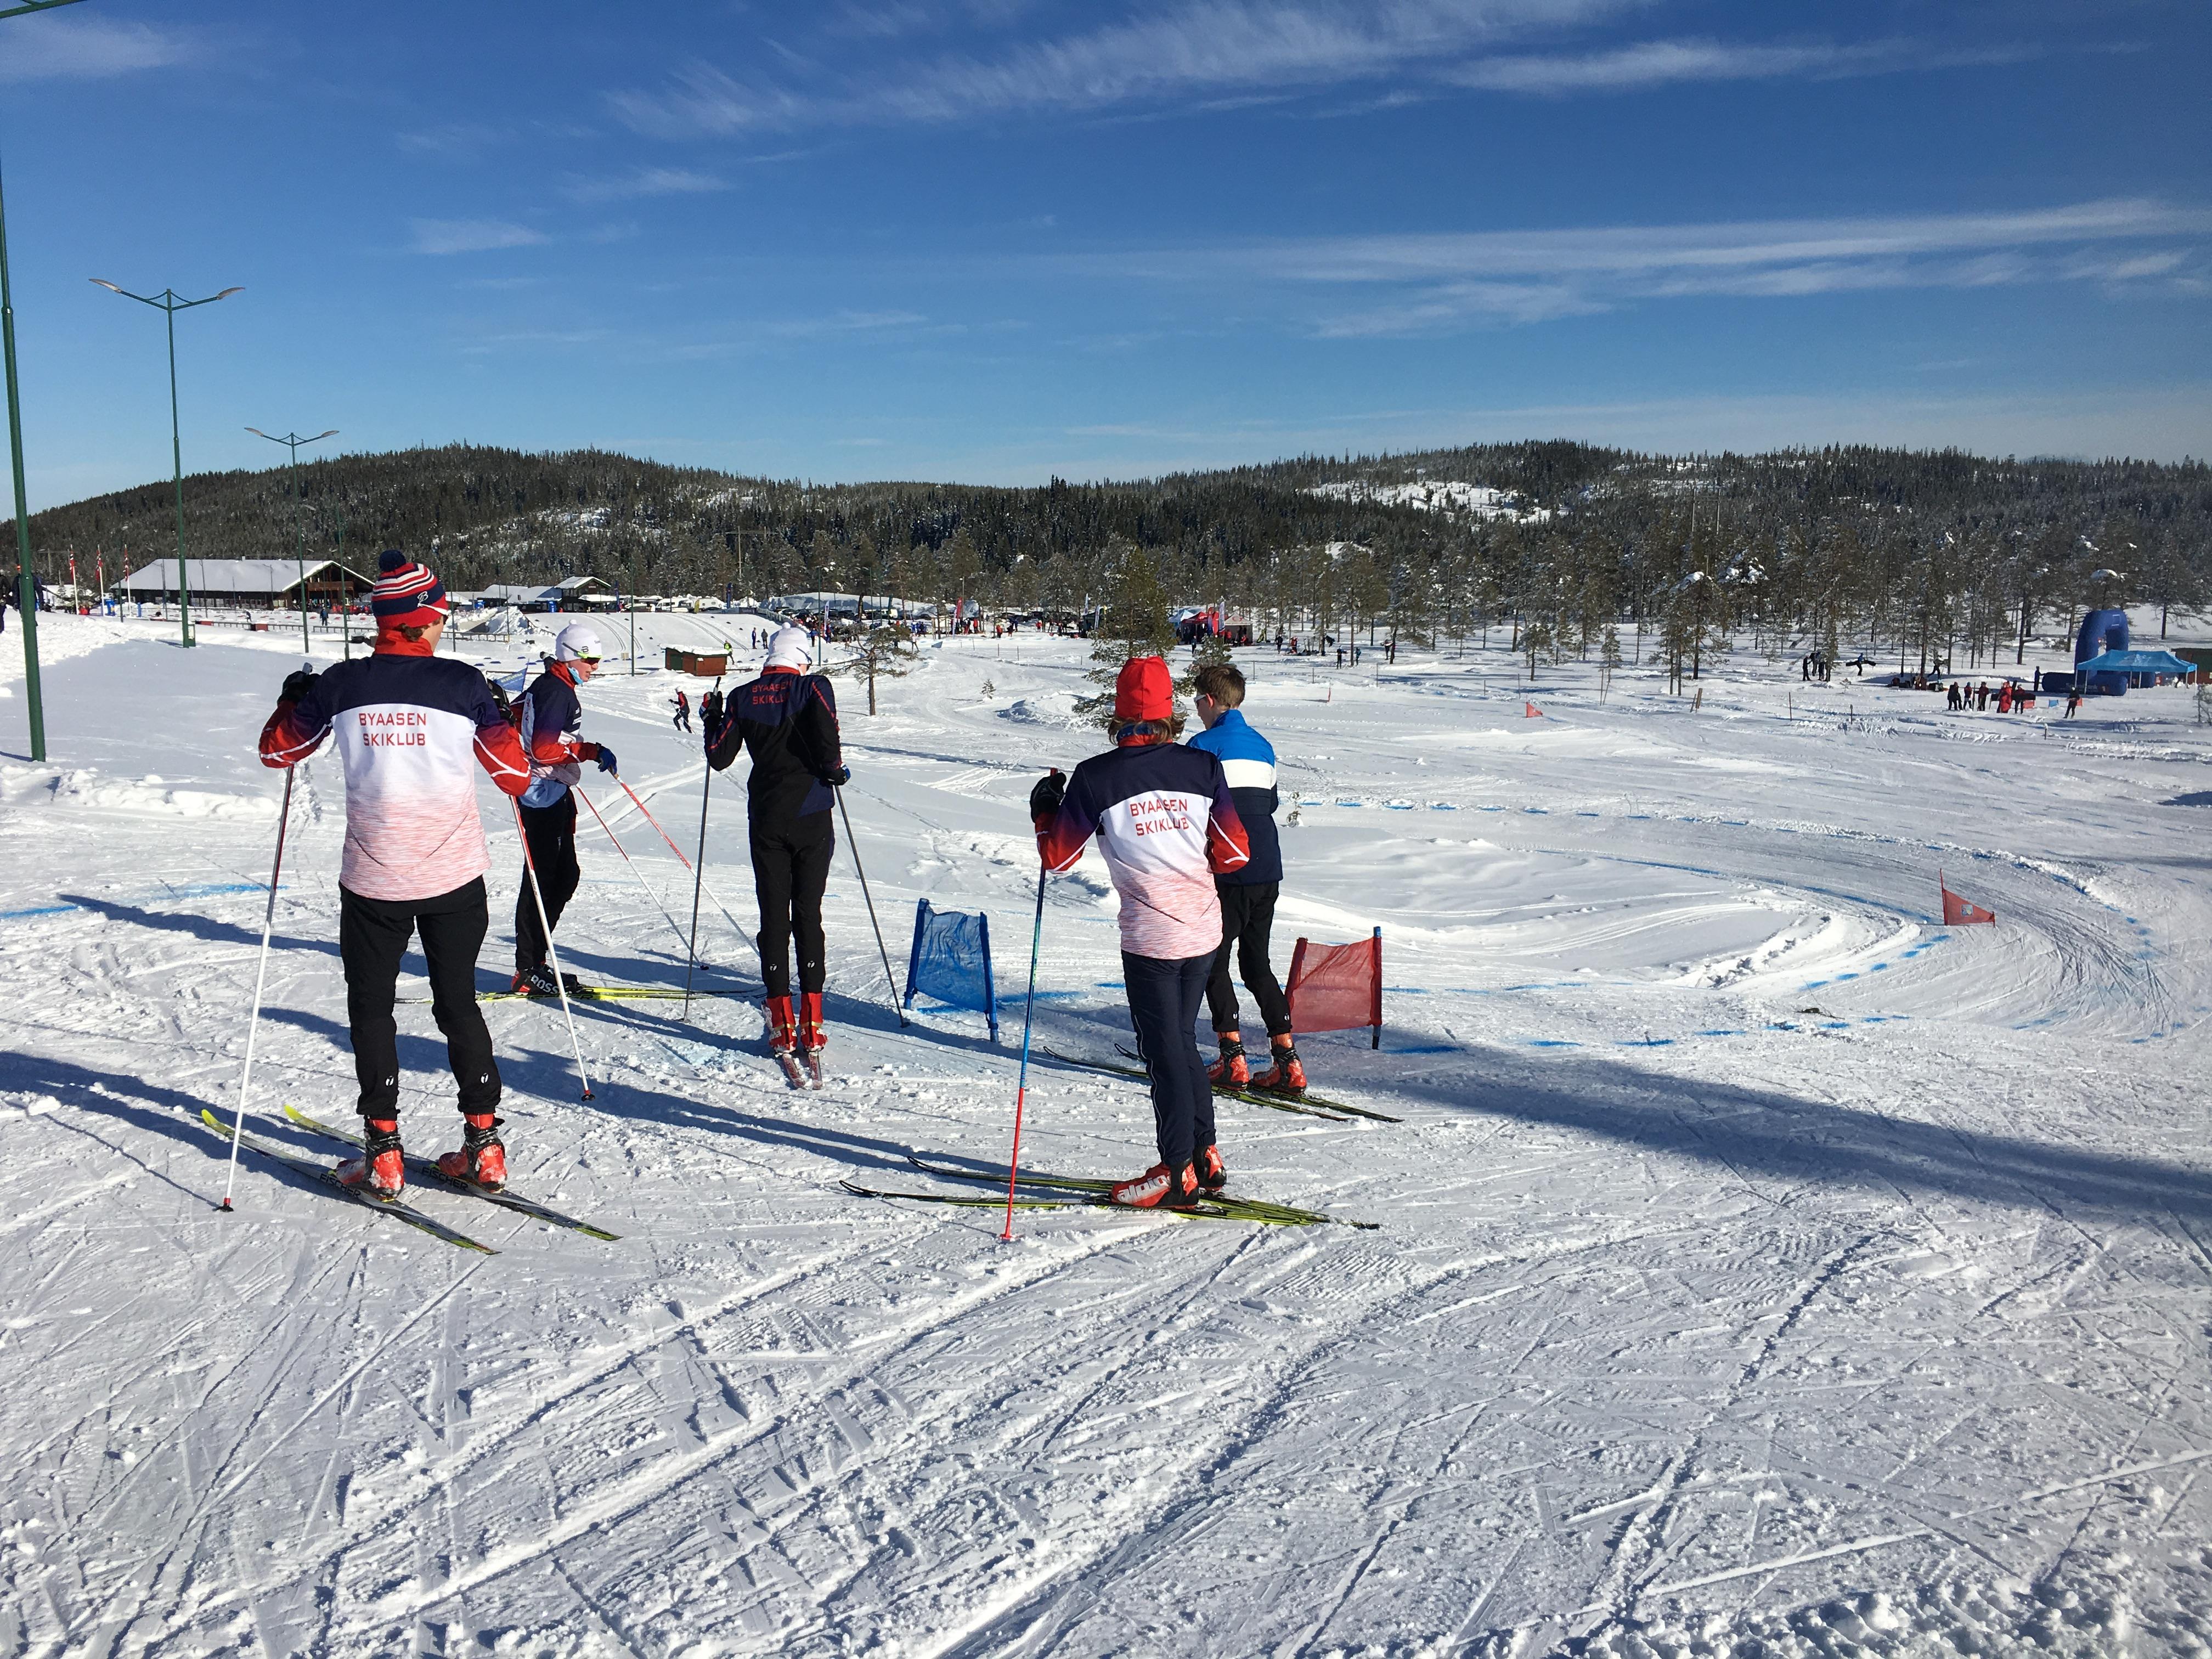 gruppe løpere i klubbklær skicrossløype.JPG